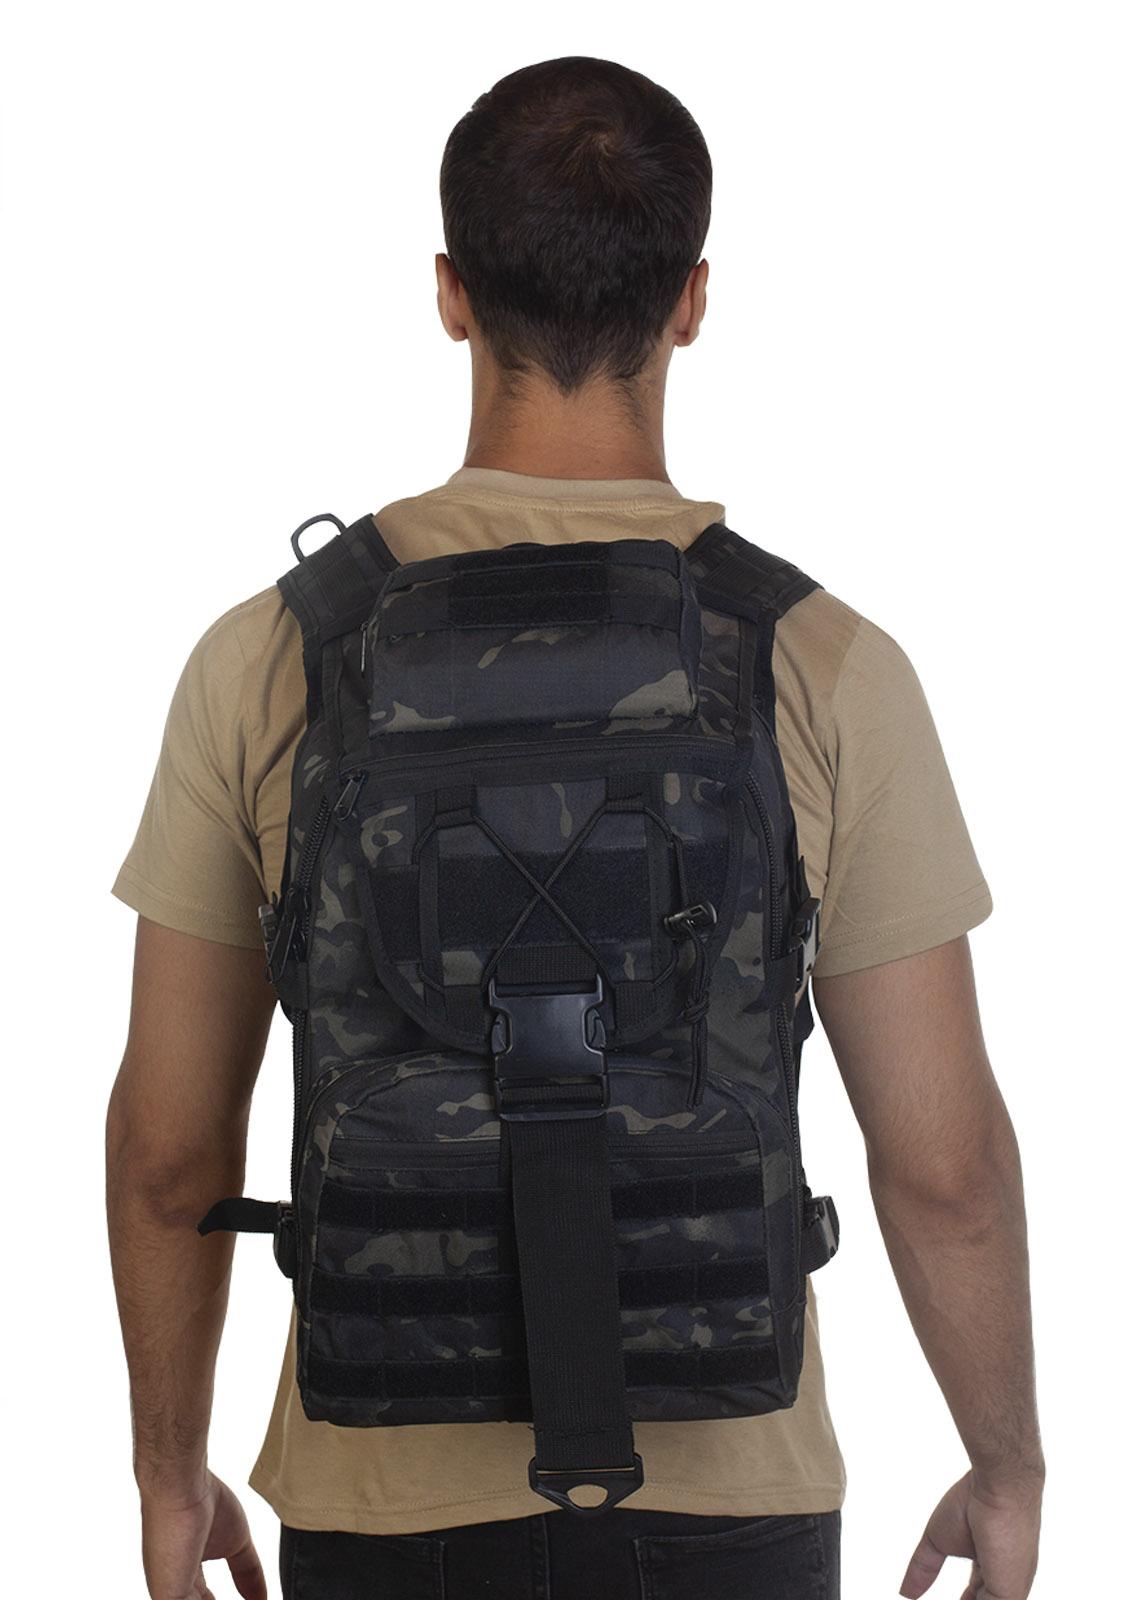 Тактический рюкзак камуфляжа Black Multicam с доставкой